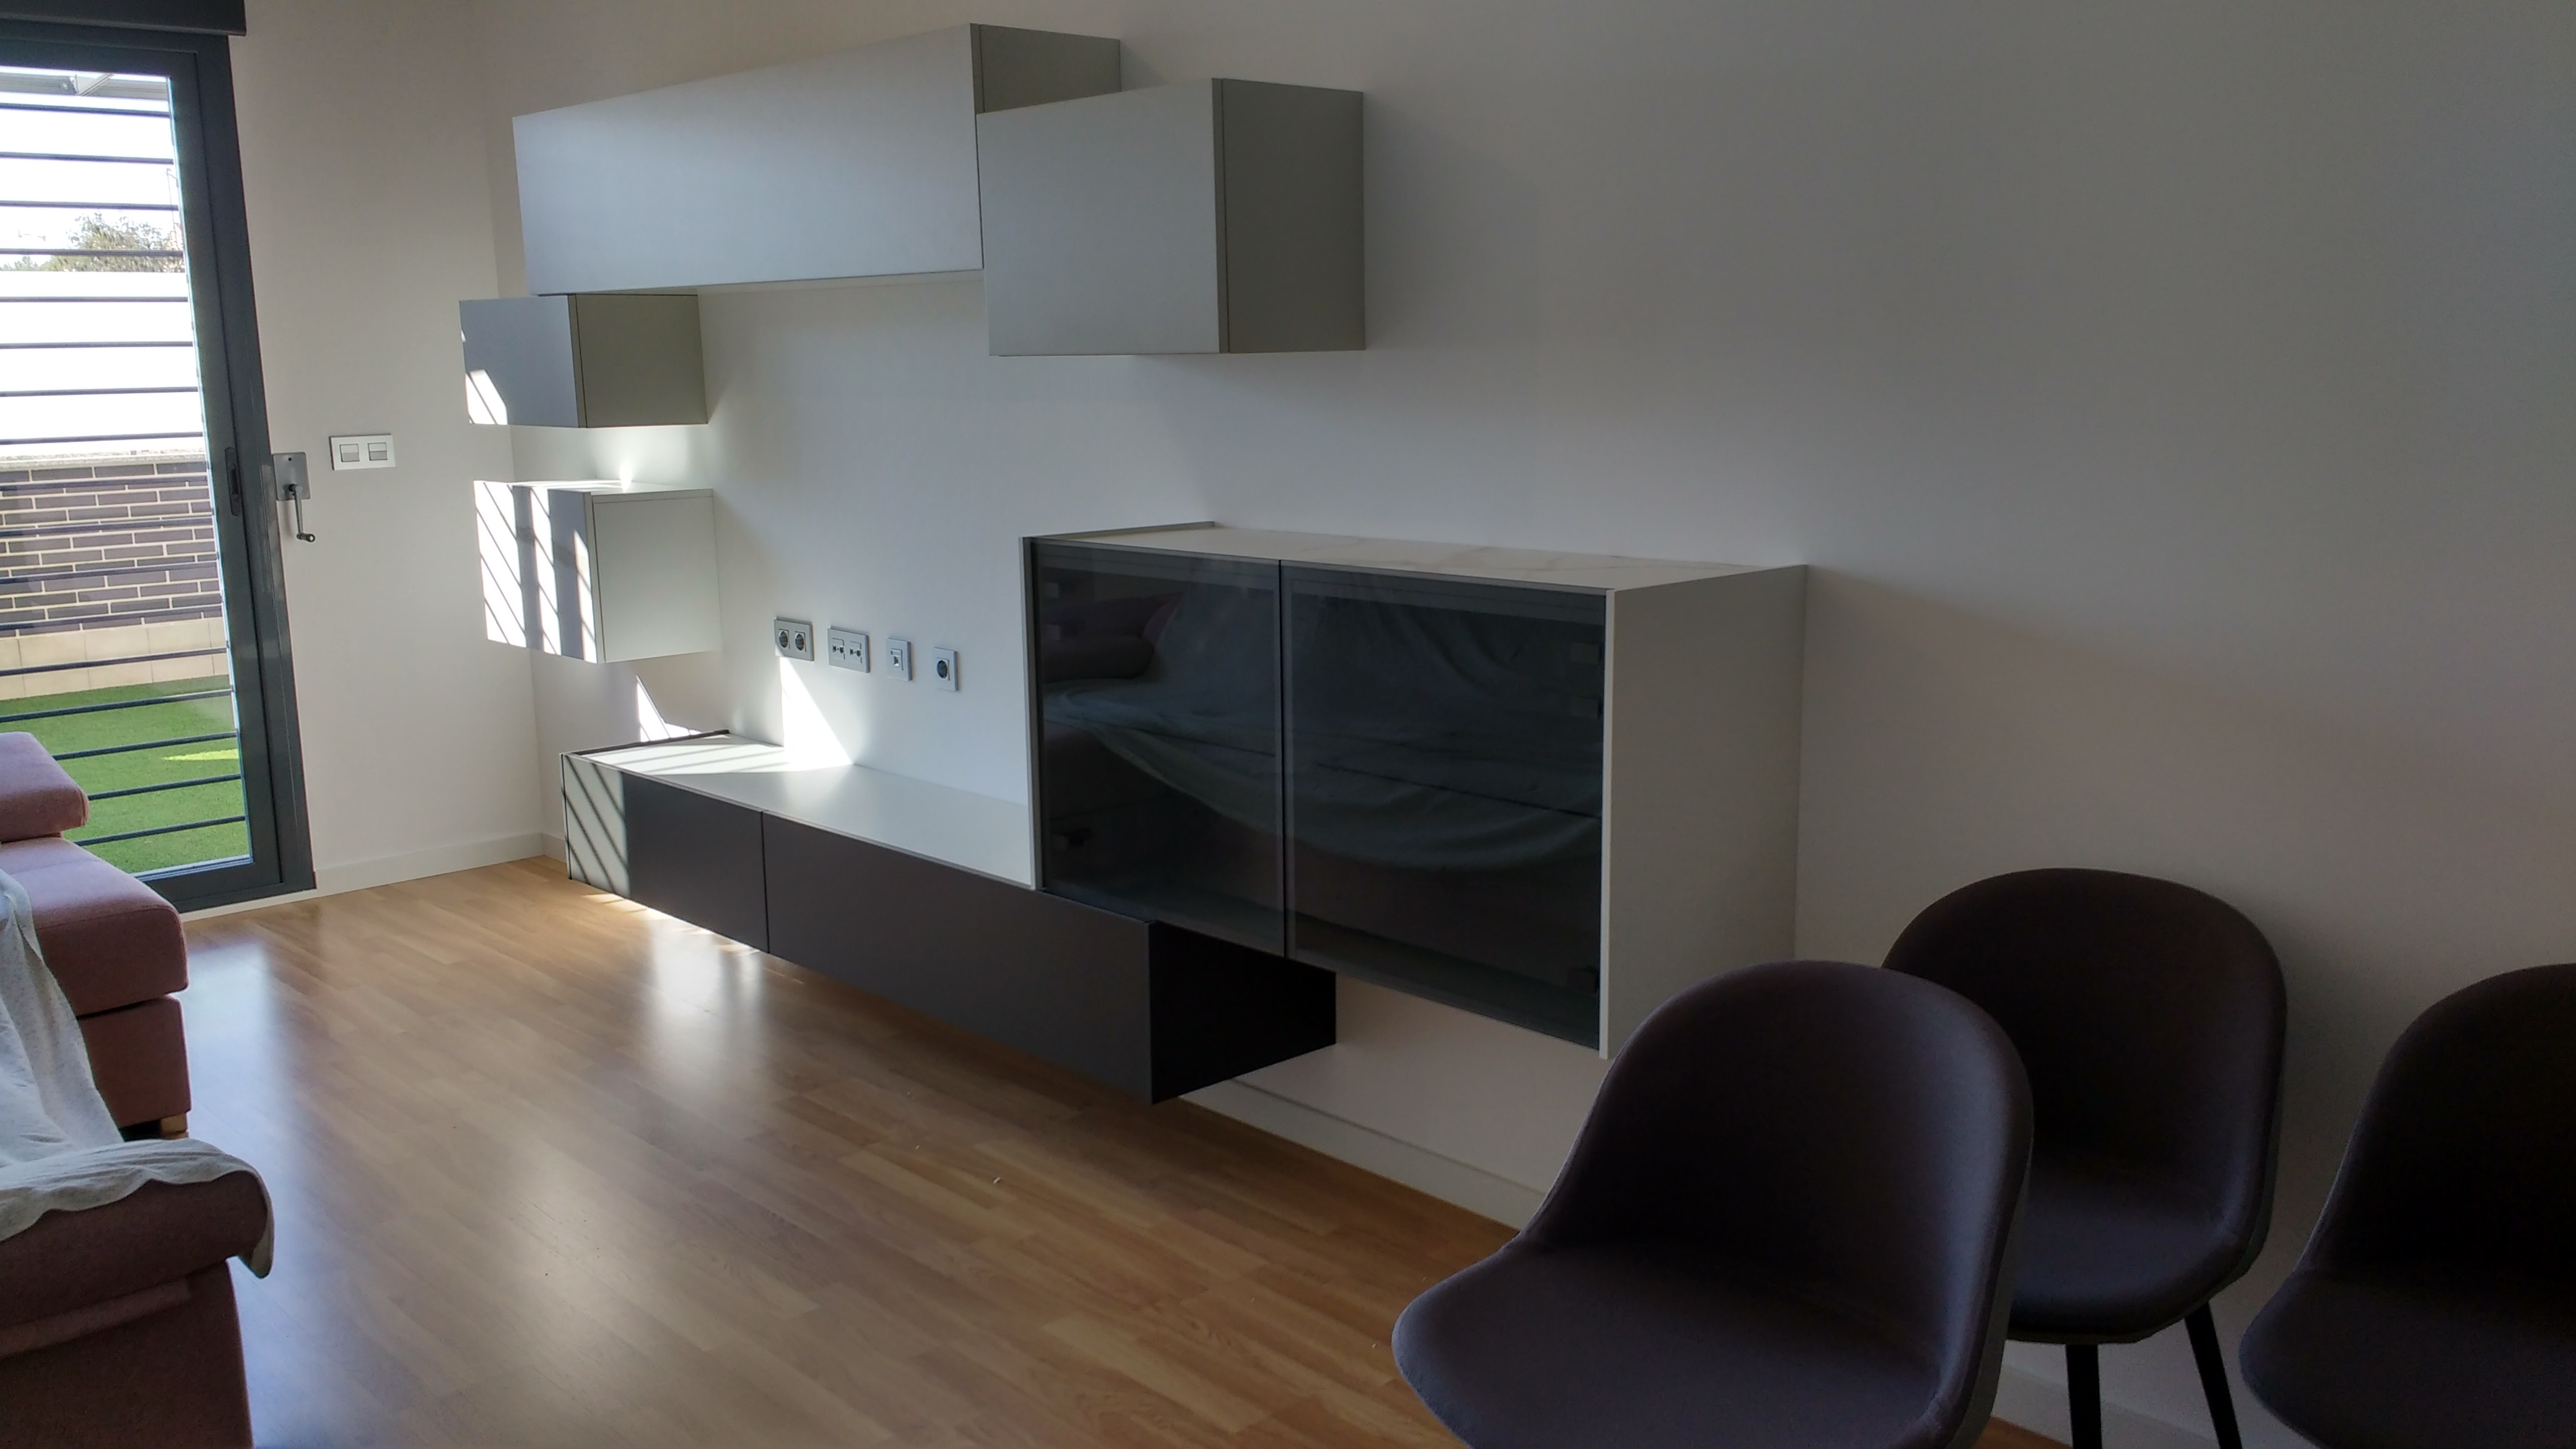 Tienda de muebles modernos en murcia interioristas - Decoradores en murcia ...